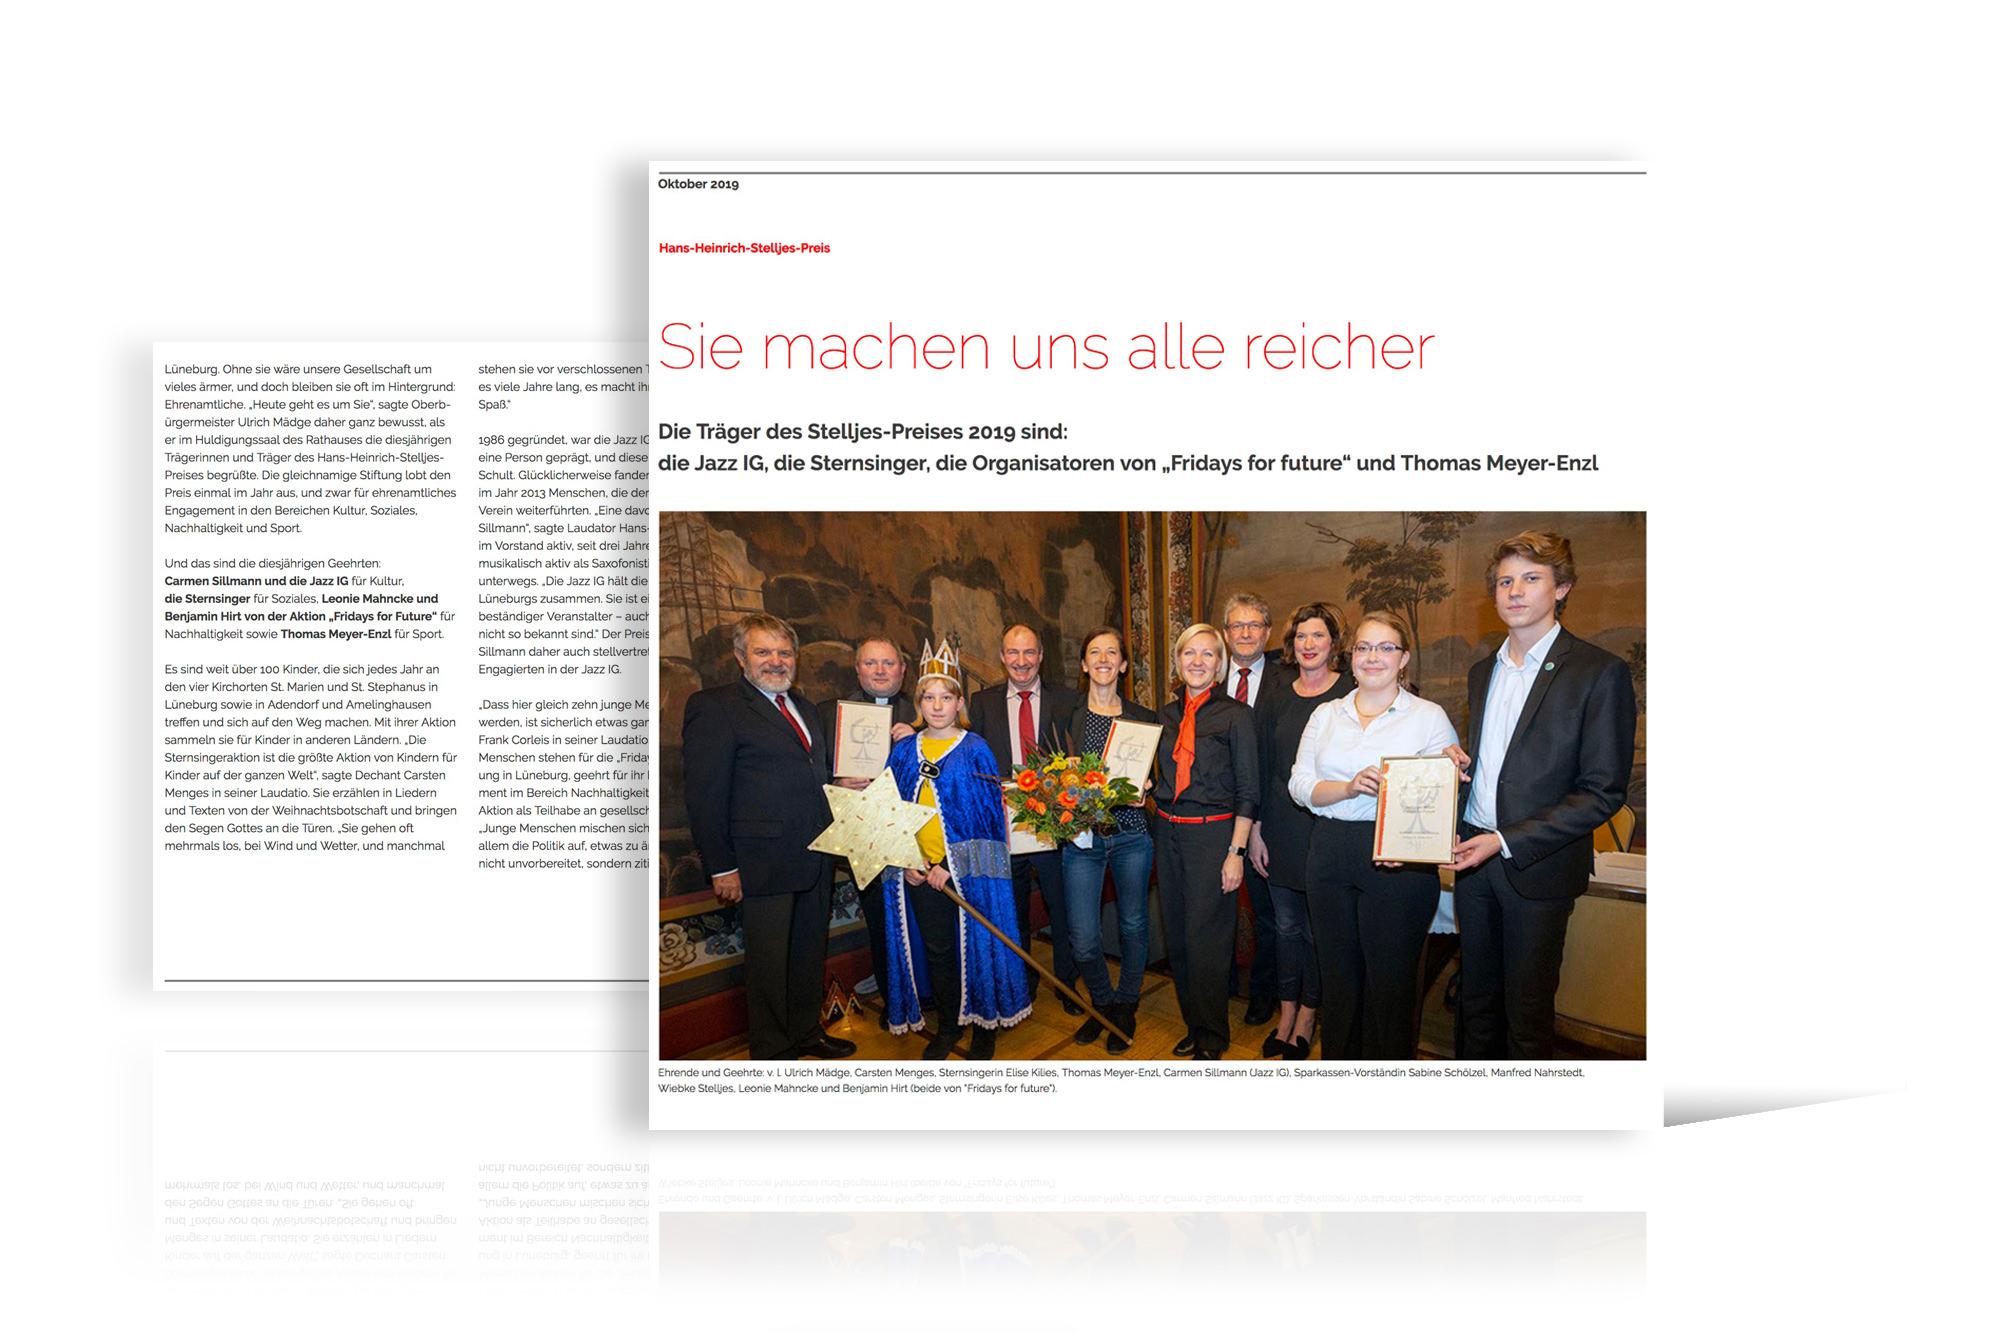 Verleihung des Hans-Heinrich-Stelljes-Preises der Sparkassenstiftung Lüneburg, Oktober 2019